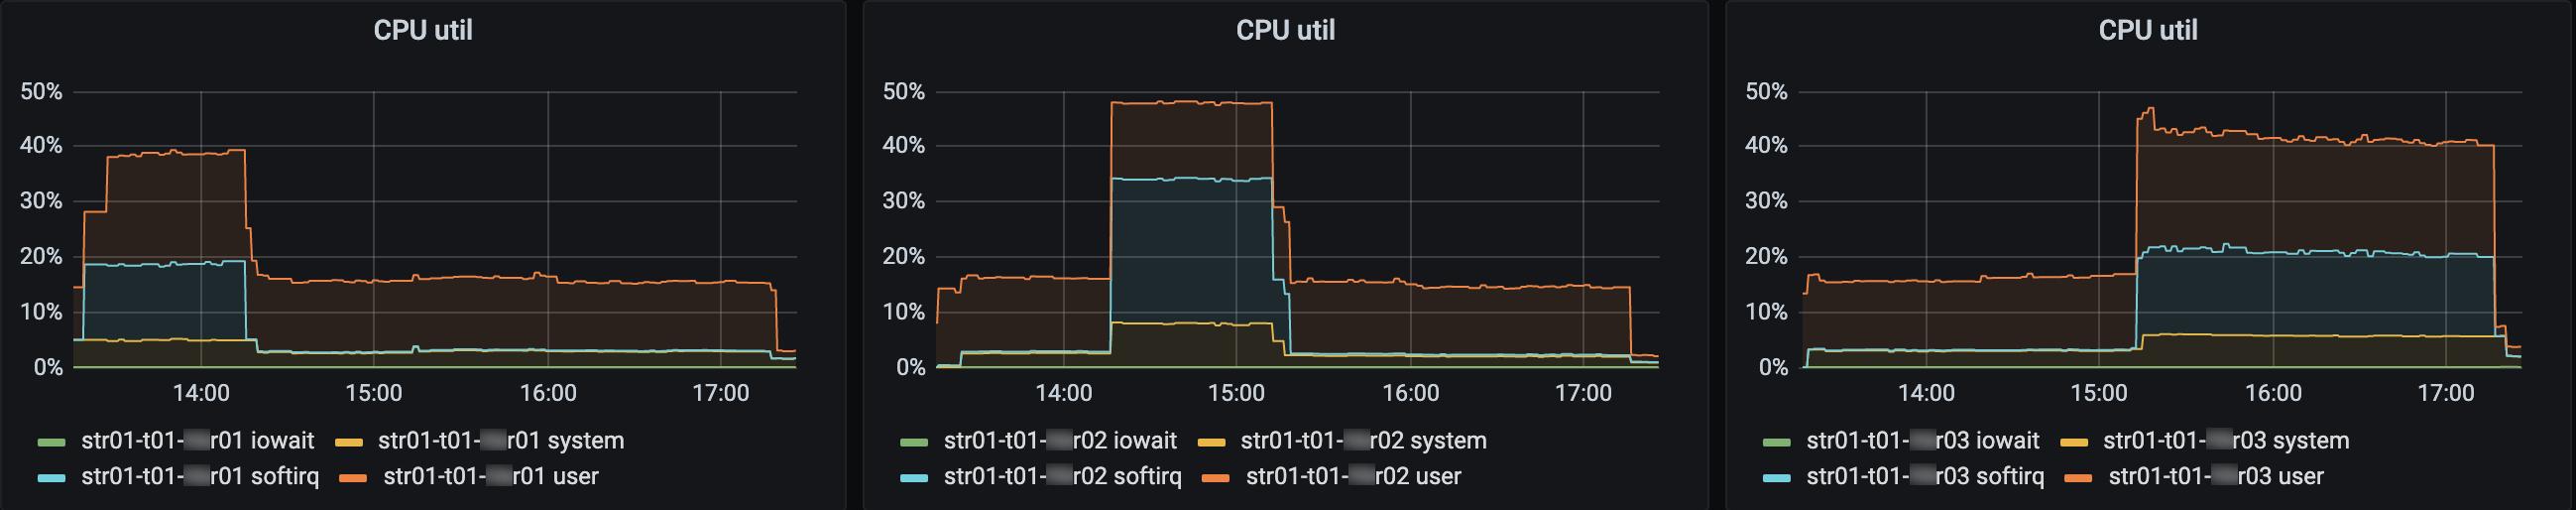 Исследование роста утилизации процессора: как мы мигрировали с CentOS 7 на Oracle Linux 7 - 5